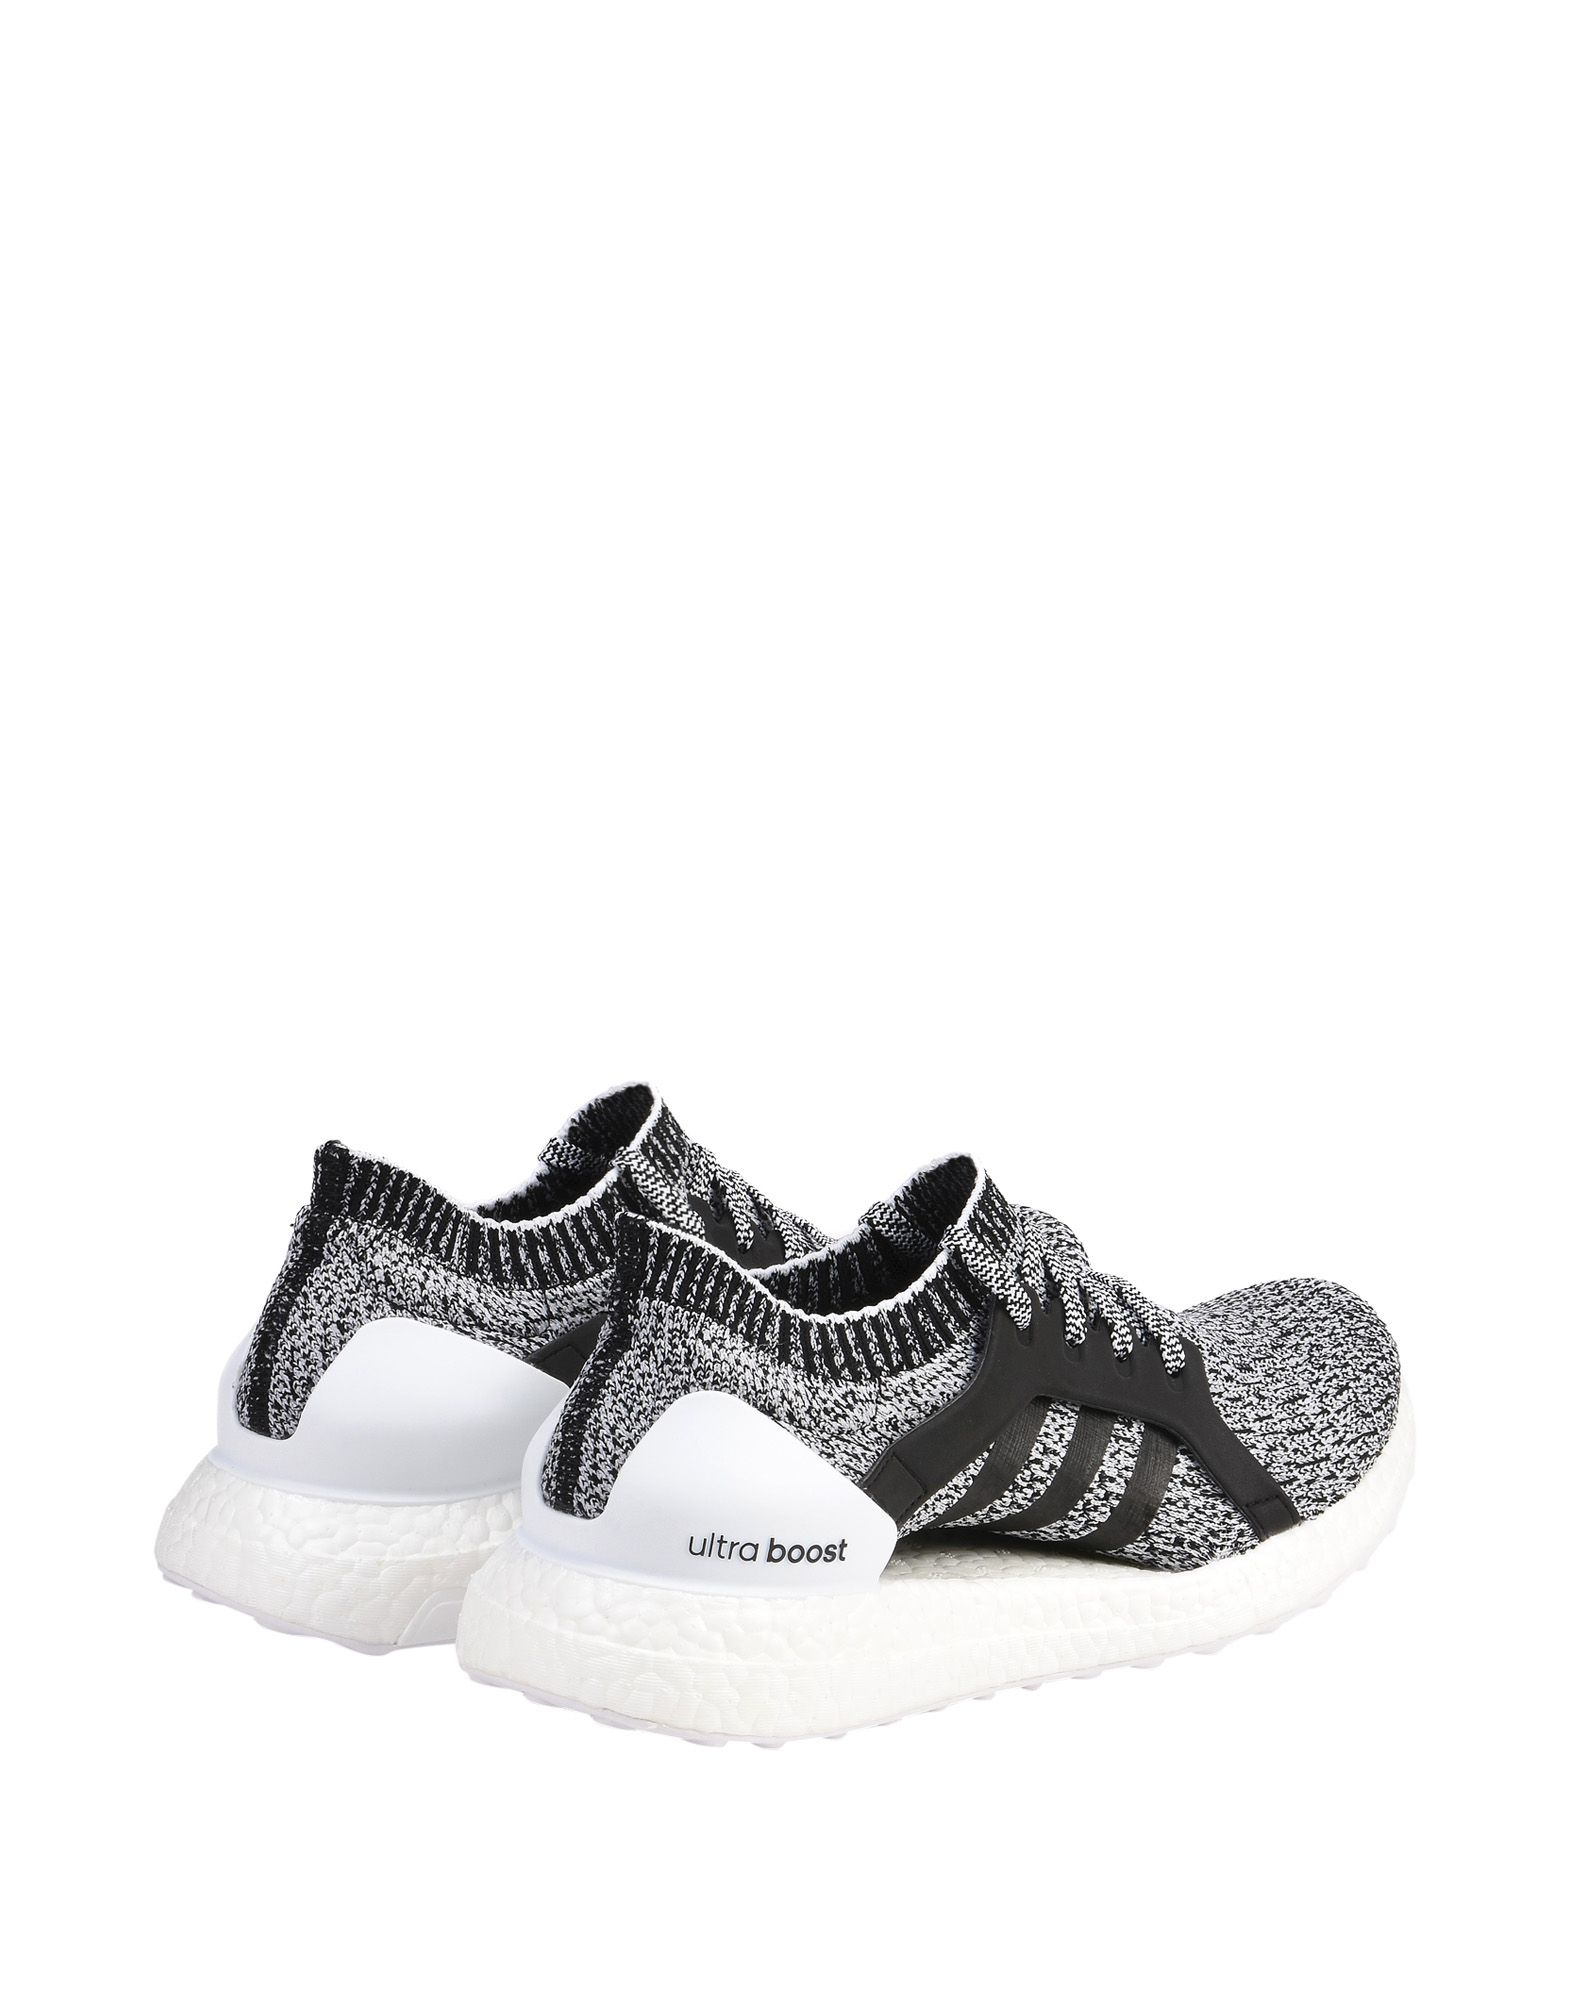 Adidas Ultraboost Gute X 11385967VF Gute Ultraboost Qualität beliebte Schuhe cdf692